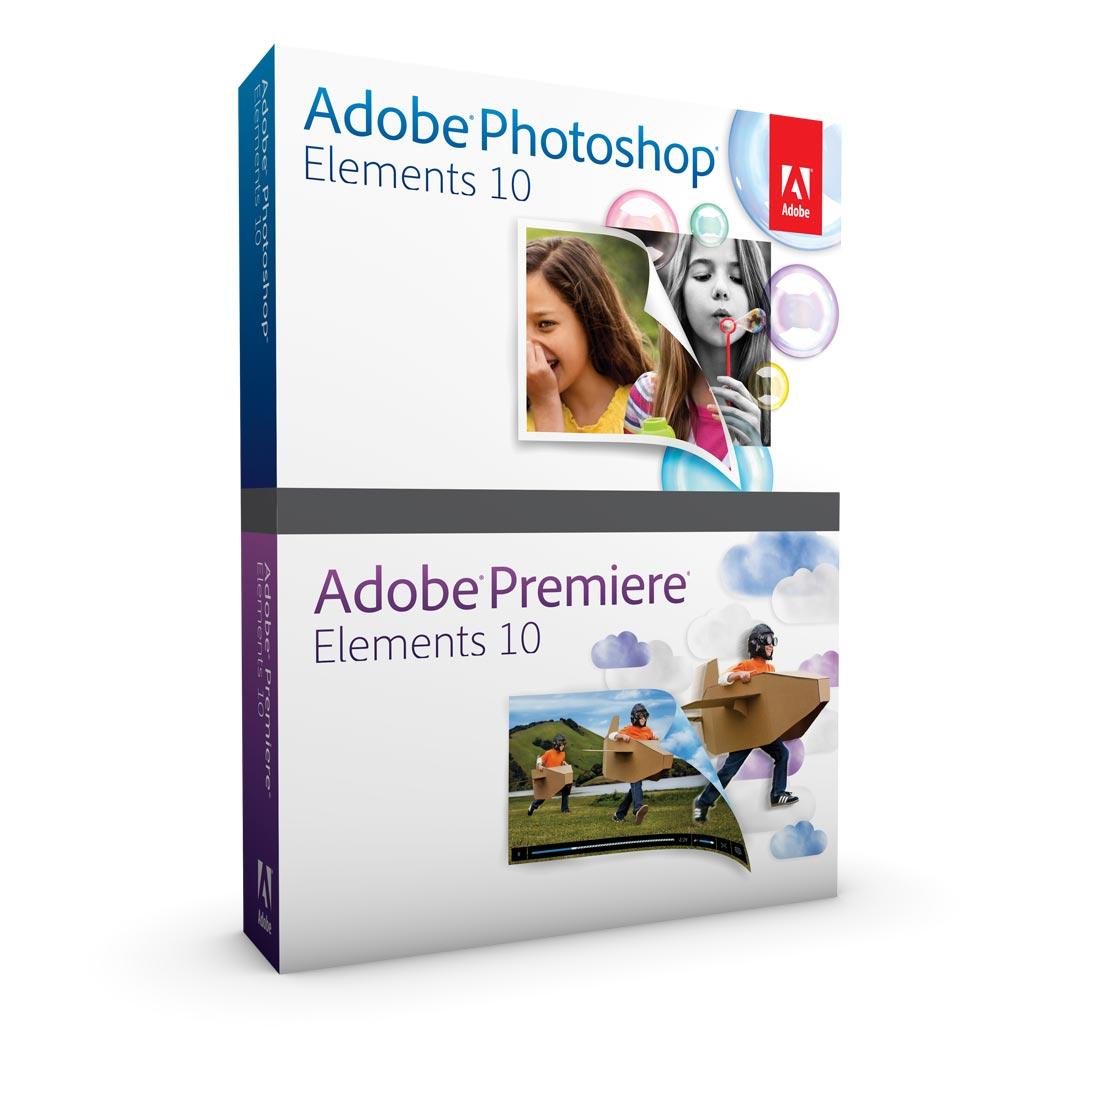 Logiciel graphisme & Photo Adobe Photoshop Elements 10 & Adobe Premiere Elements 10 Logiciels de retouche graphique et de composition vidéo (Français, Windows / Mac Os X)